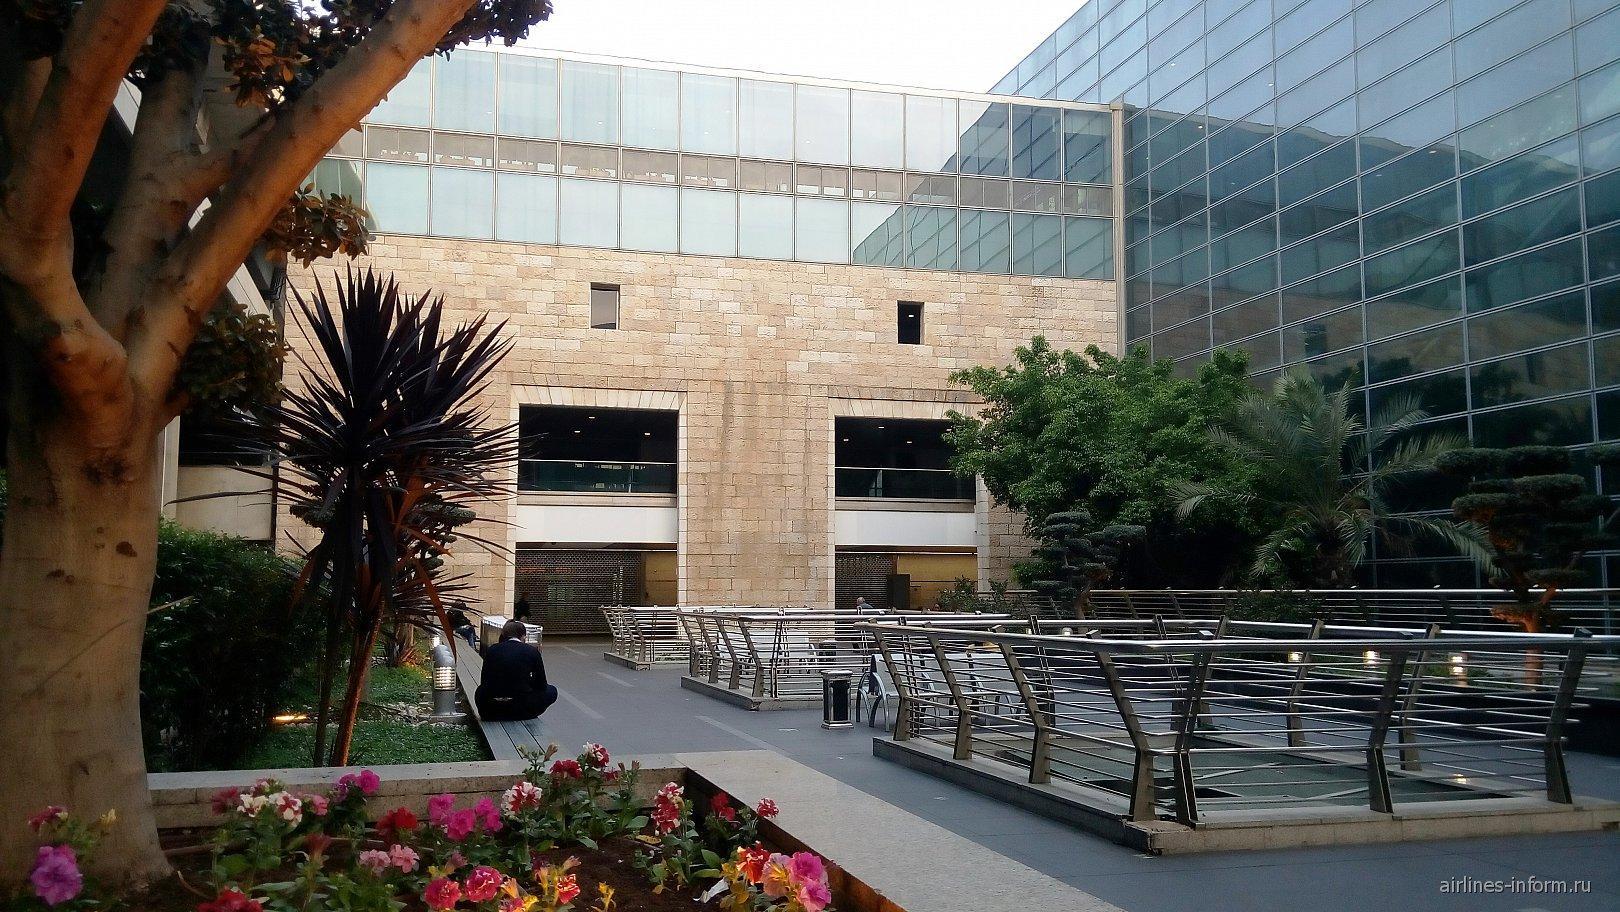 Зеленая зона в аэропорту Тель-Авив Бен Гурион